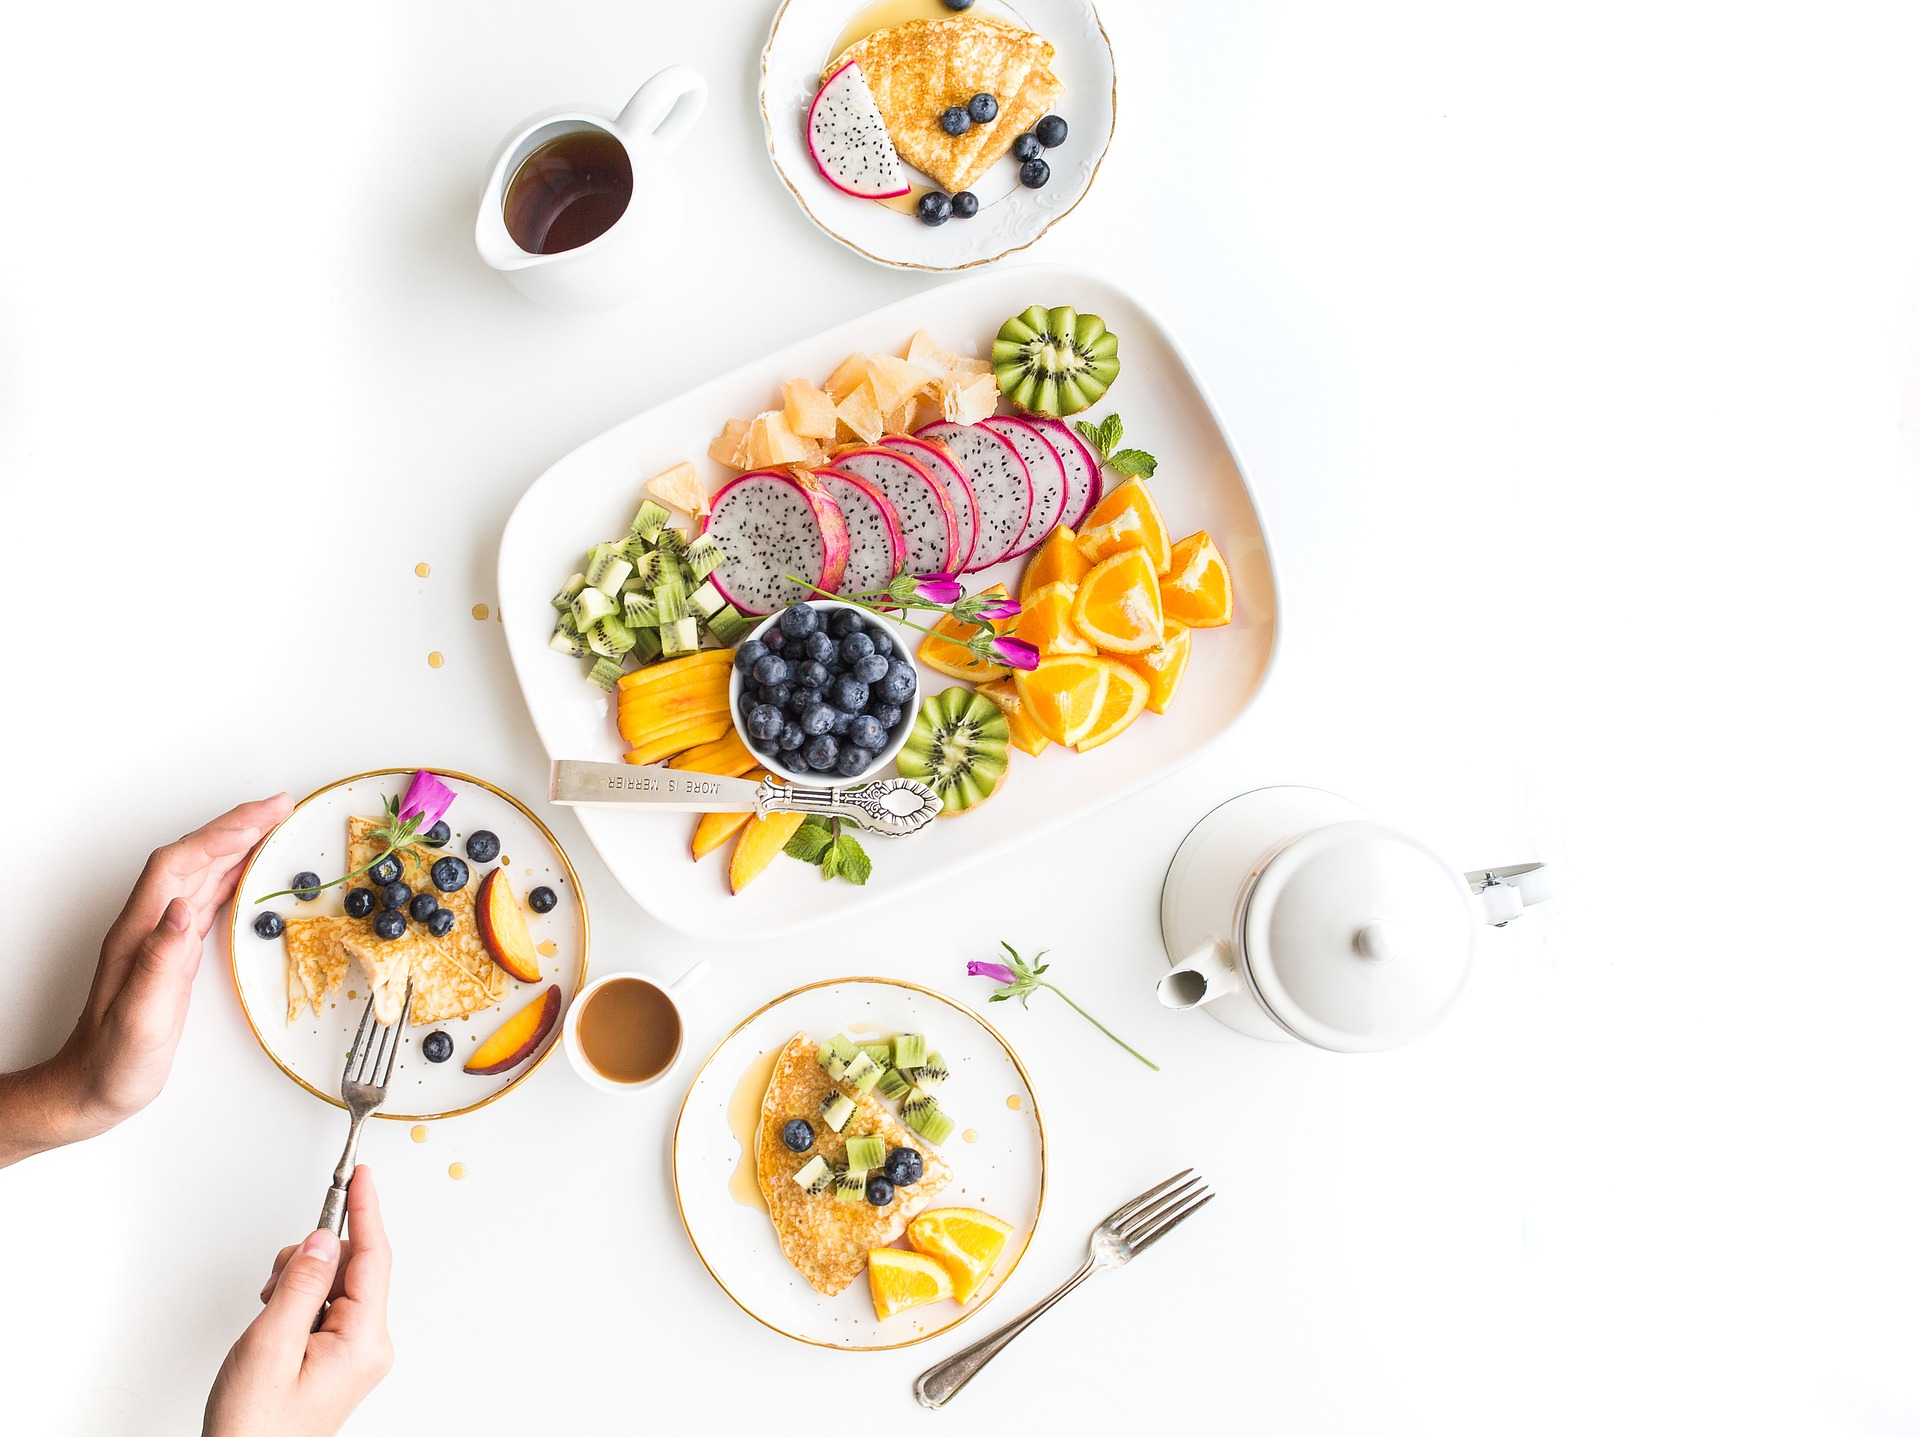 La importancia de desayunar + 3 ejemplos saludables para ti